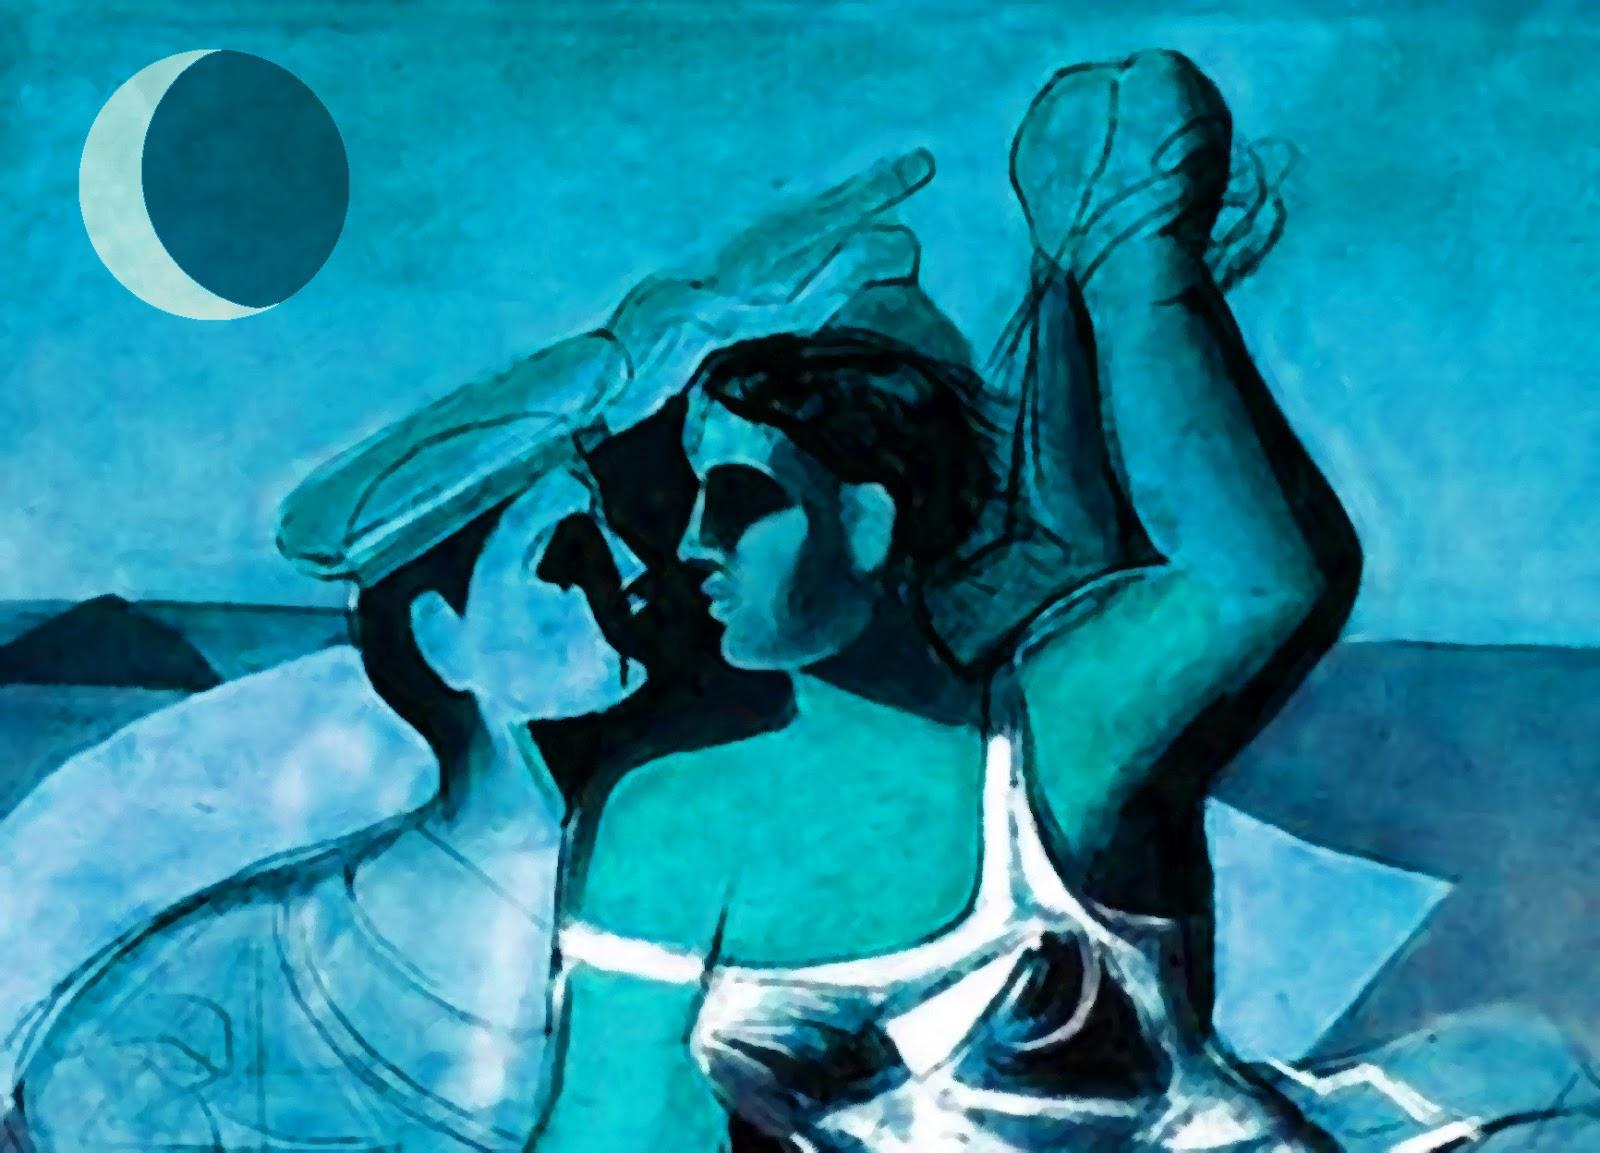 http://1.bp.blogspot.com/-xUKS89O6RKs/UFpANA--68I/AAAAAAAAGL8/DyRcS3nFkn8/s1600/Moonlight%2Bembrace.jpg